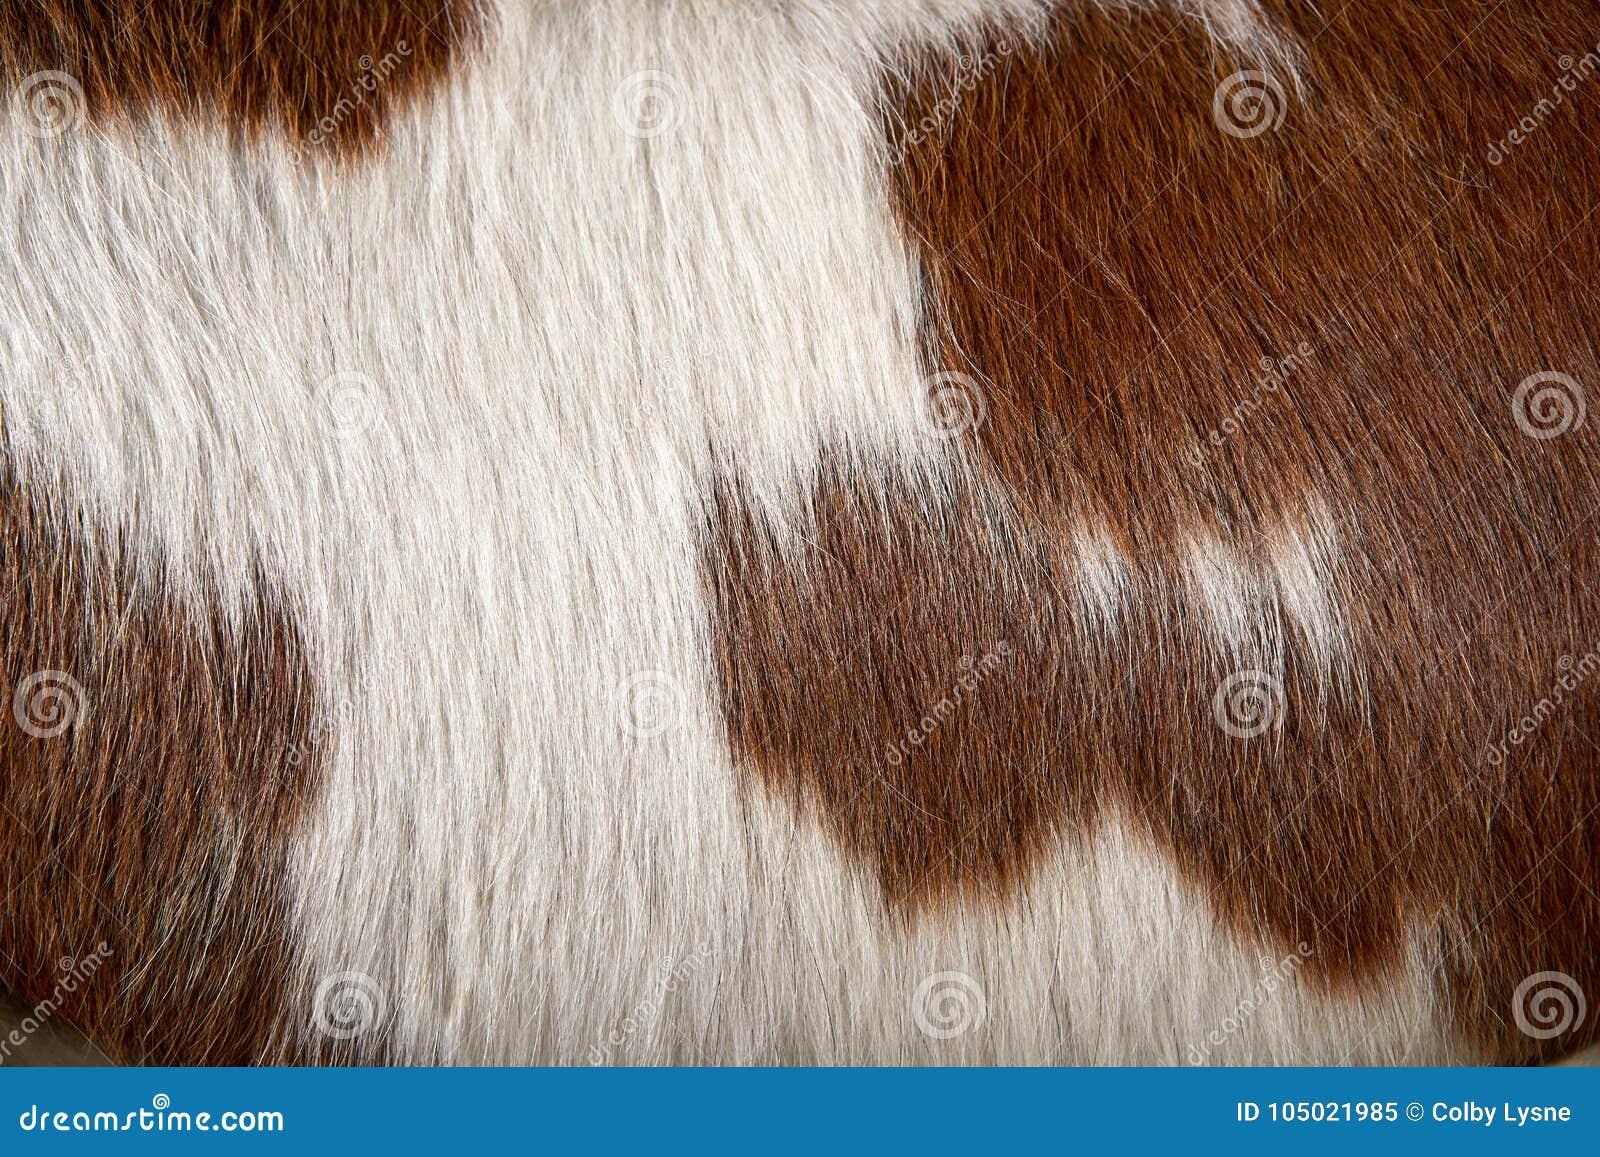 Κλείστε επάνω τη λεπτομέρεια της καφετιάς και άσπρης επισημασμένης αγελάδας